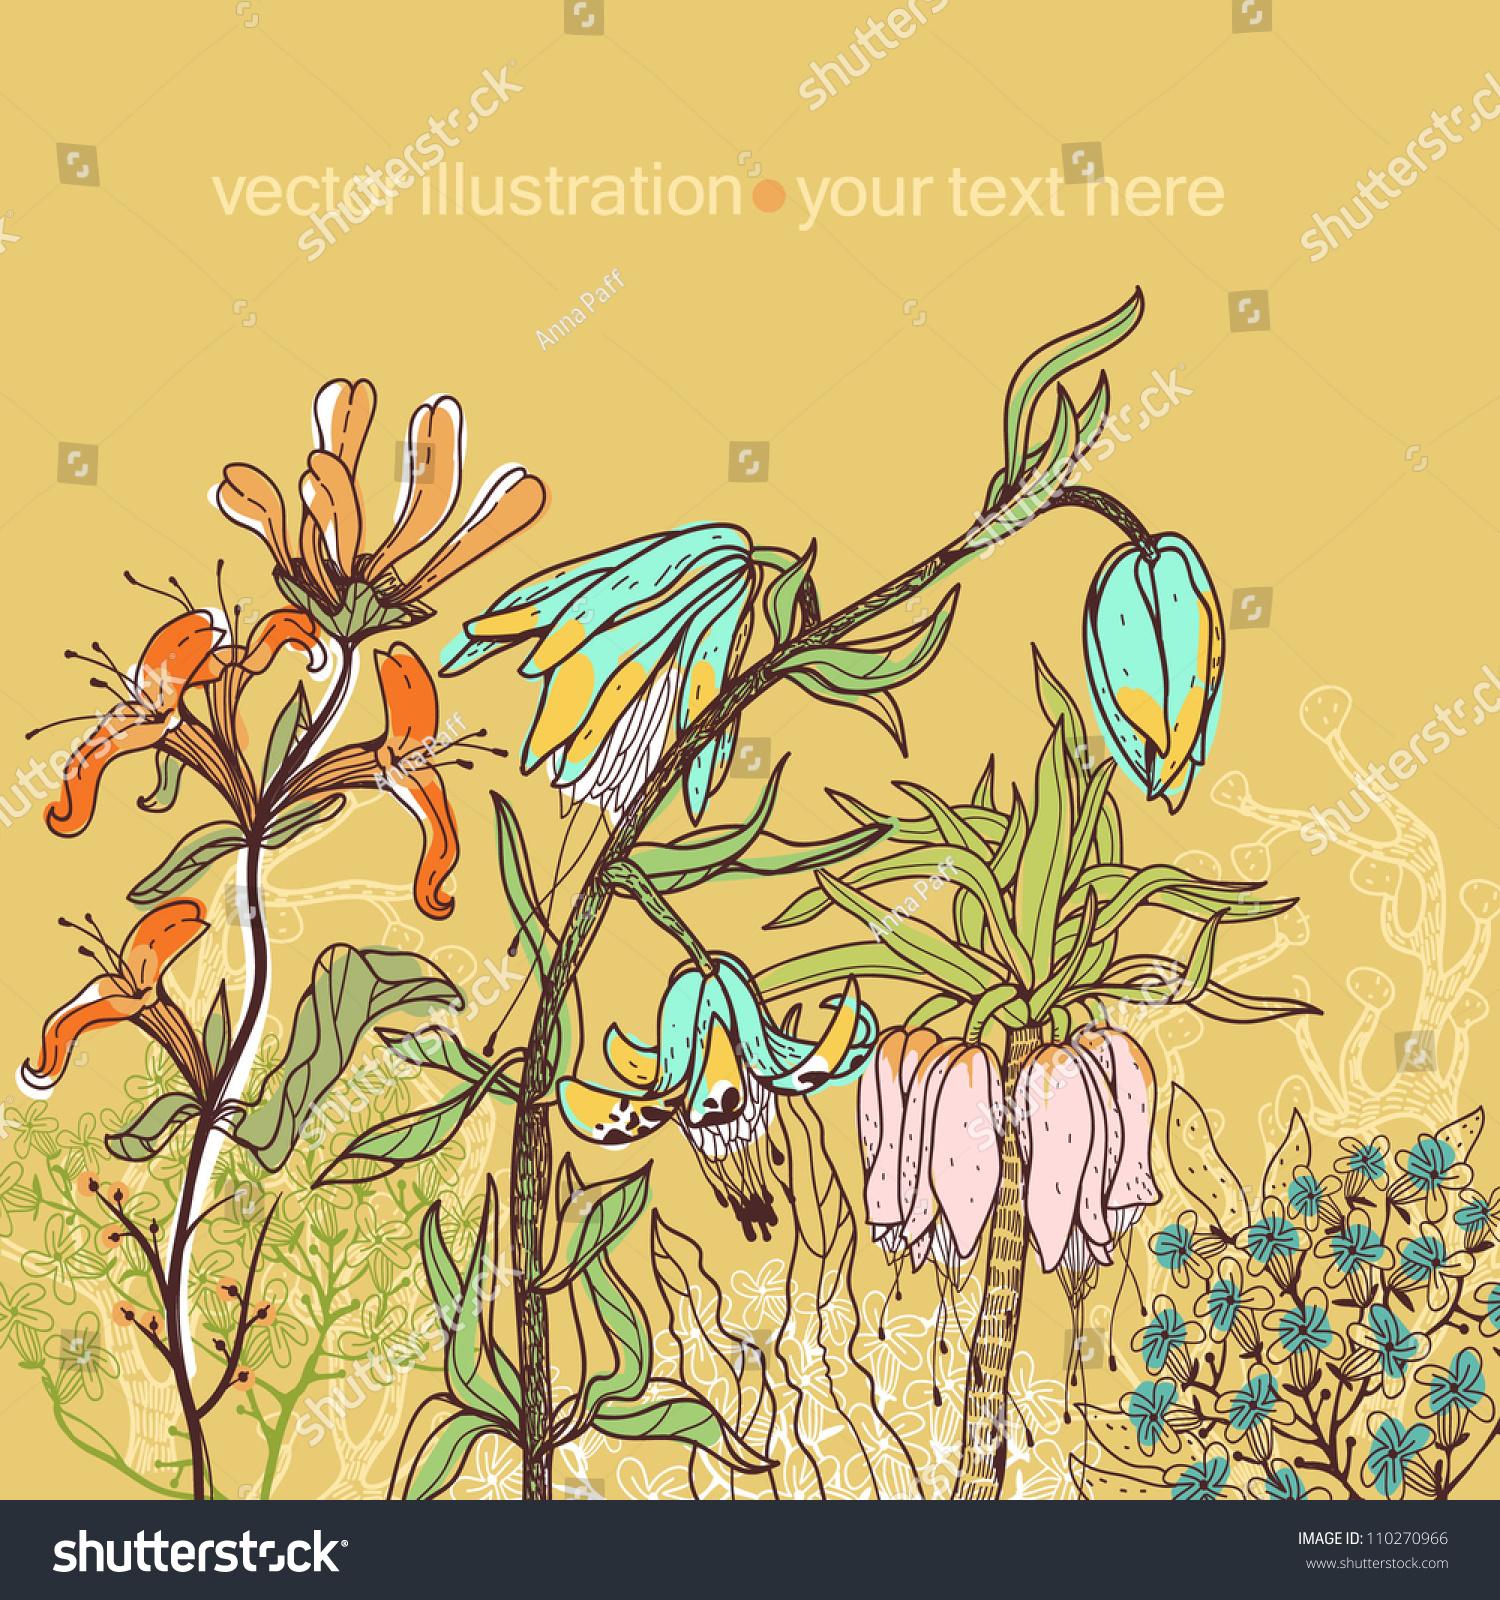 矢量图的彩色手绘花卉